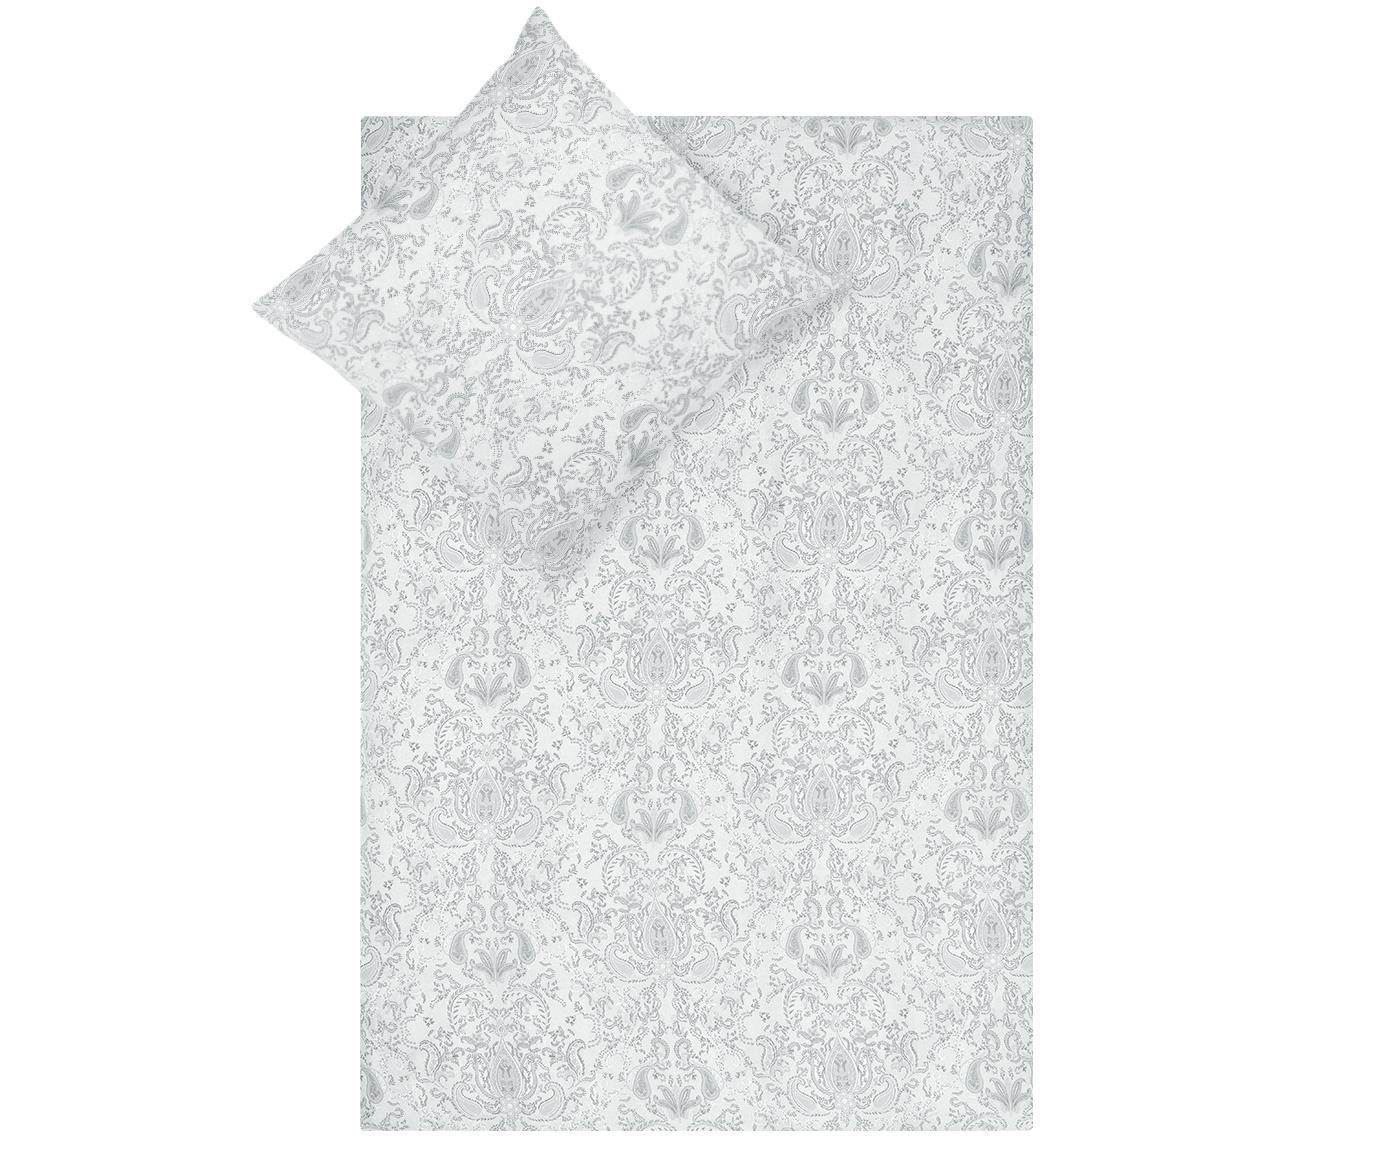 Pościel z satyny bawełnianej Grantham, Jasny szary, S 135 x D 200 cm